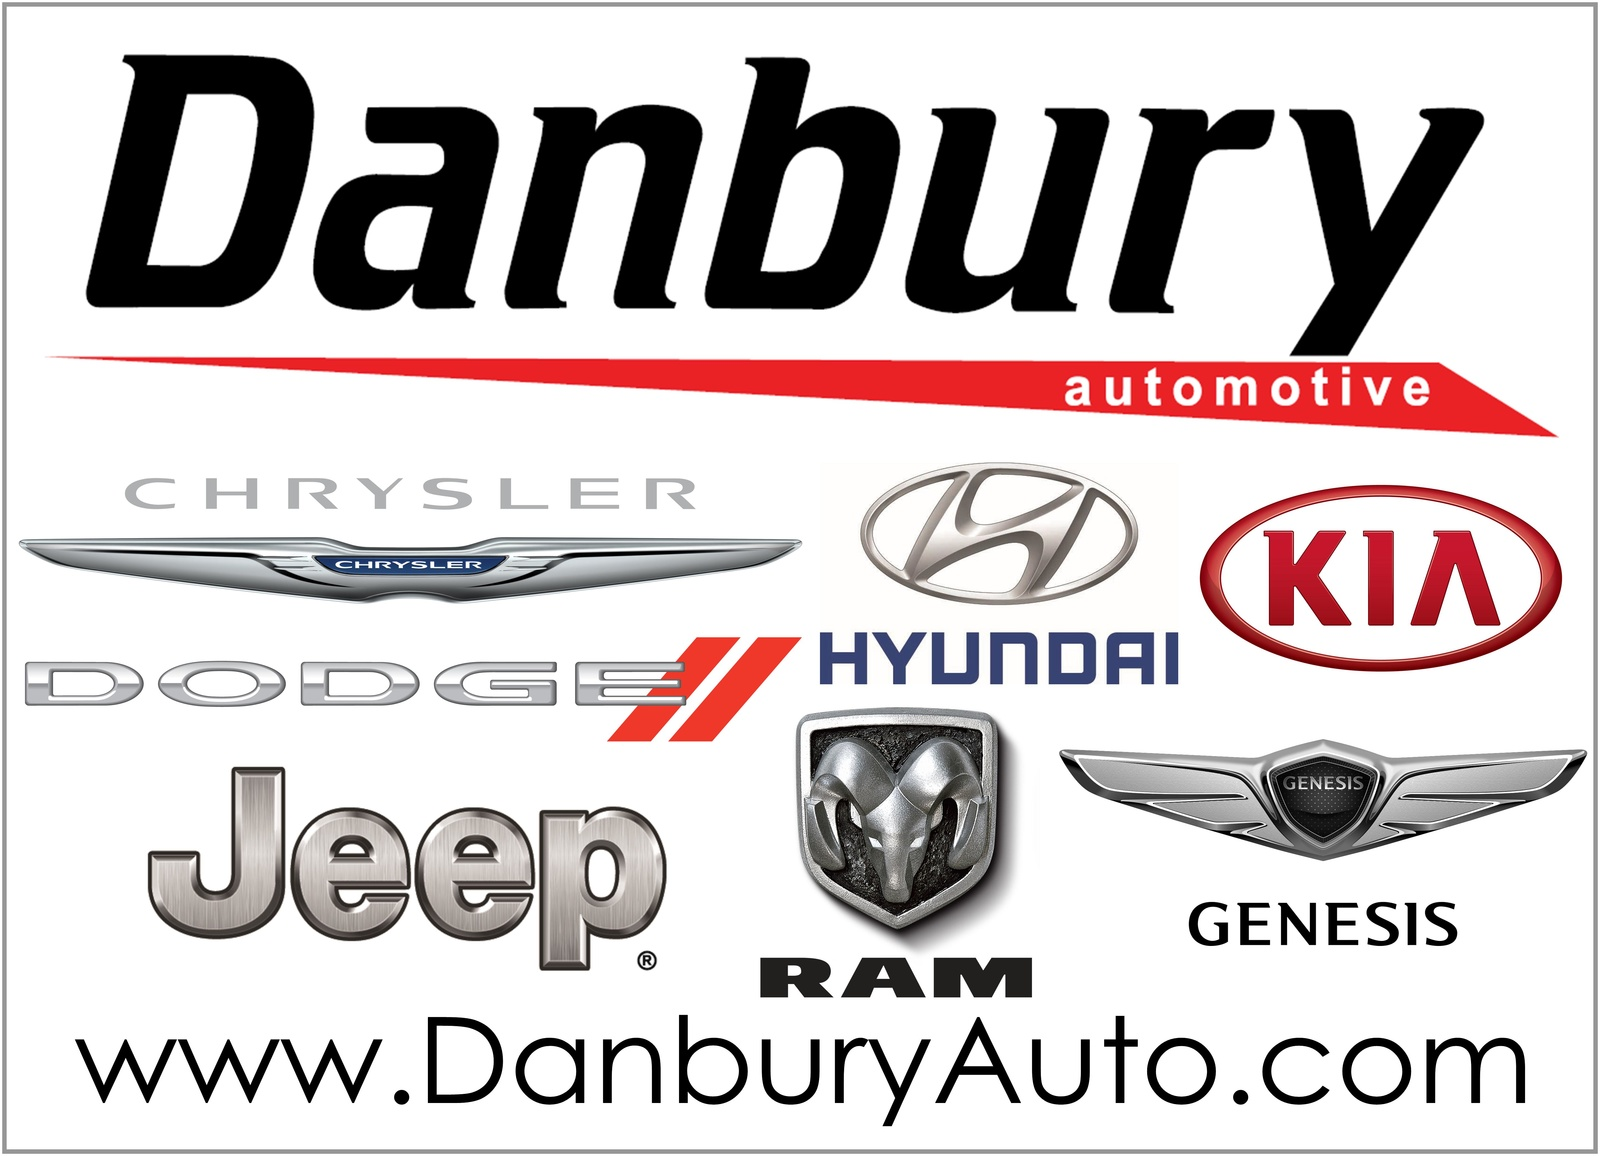 Honda Dealers In Ct >> Danbury Hyundai CDJR Kia - Danbury, CT: Read Consumer ...